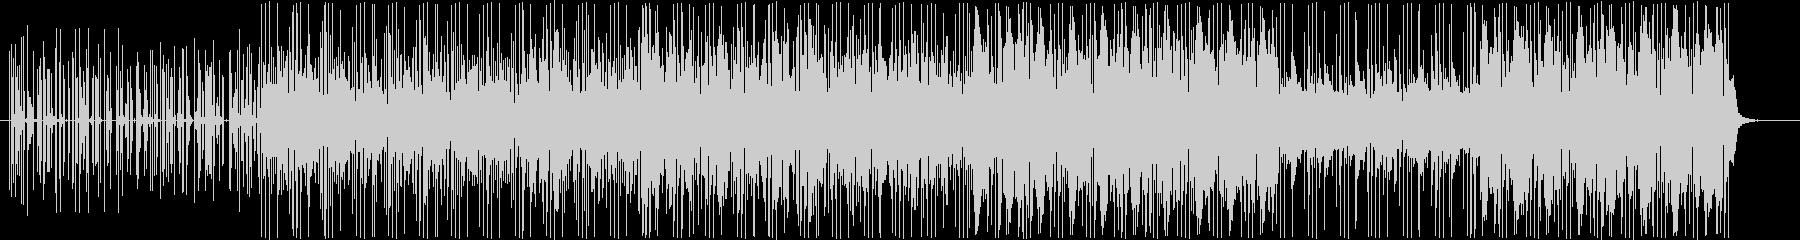 金属音と生ドラムとアシッドシンセの未再生の波形